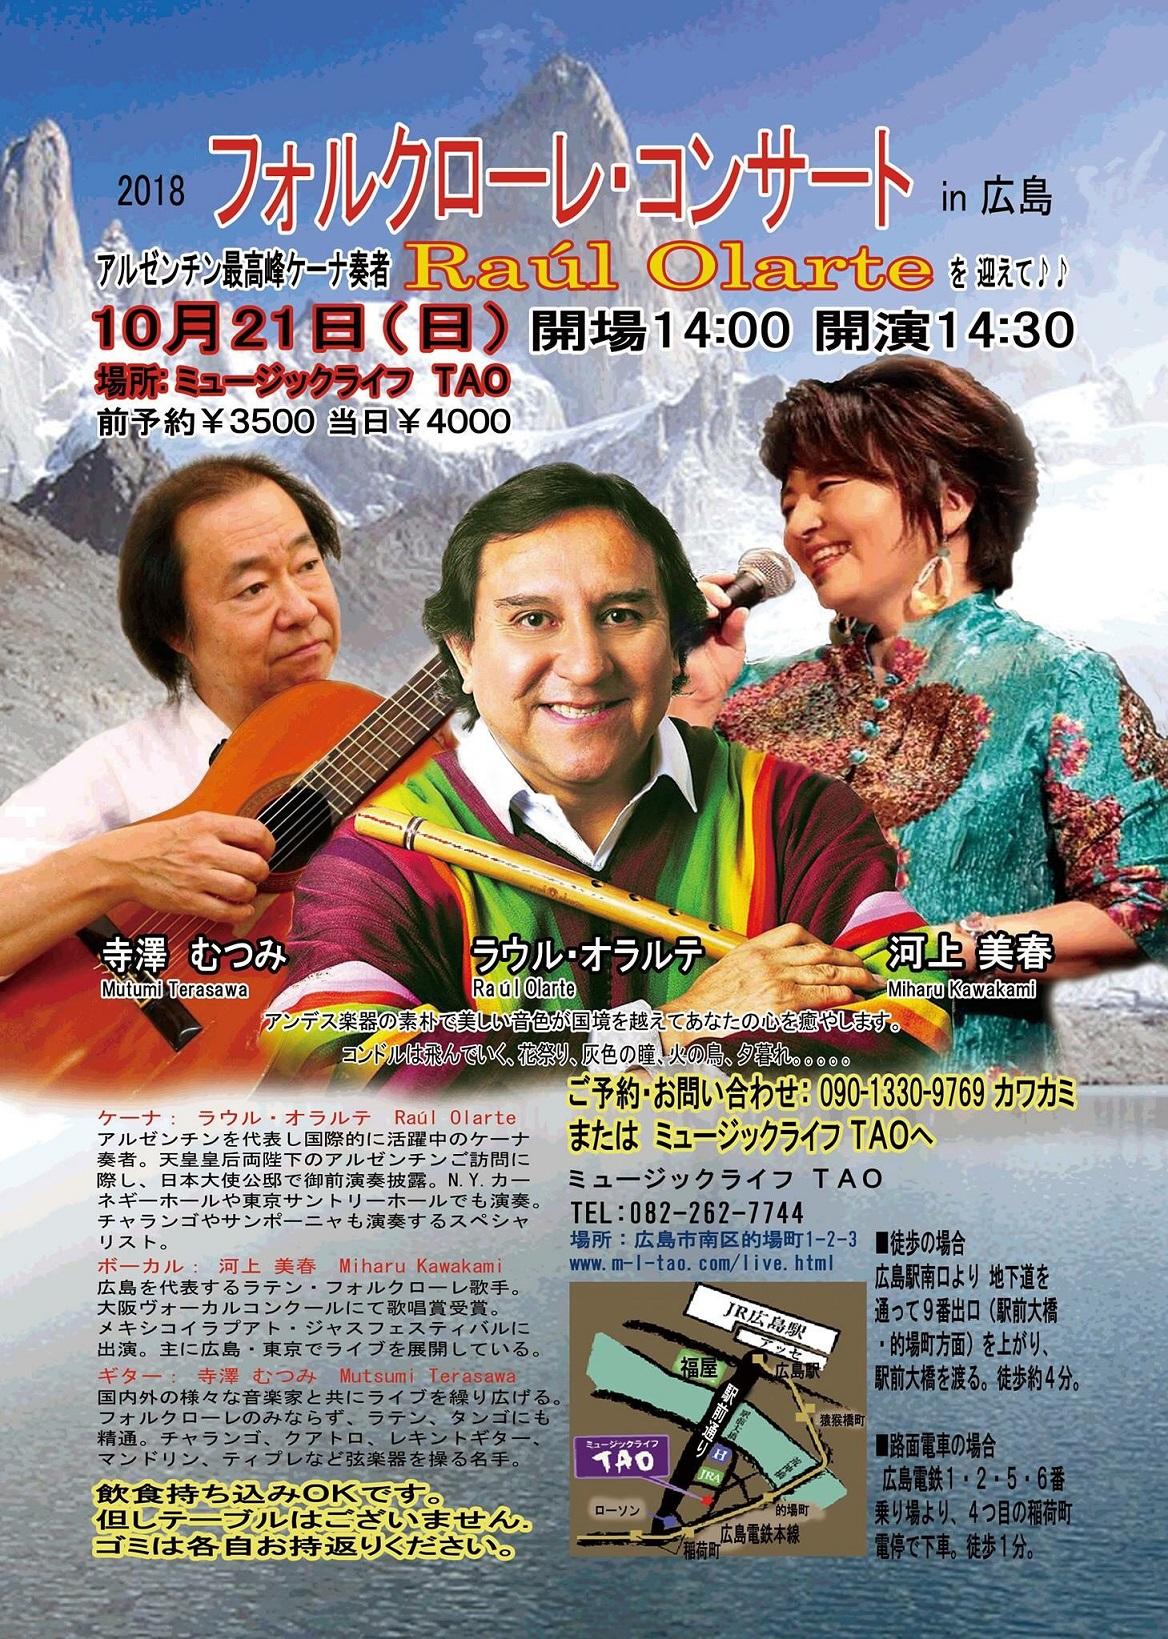 2018  フォルクローレ・コンサート  in 広島  アルゼンチン最高峰ケーナ奏者 Raúl Olarte を迎えて♪♪